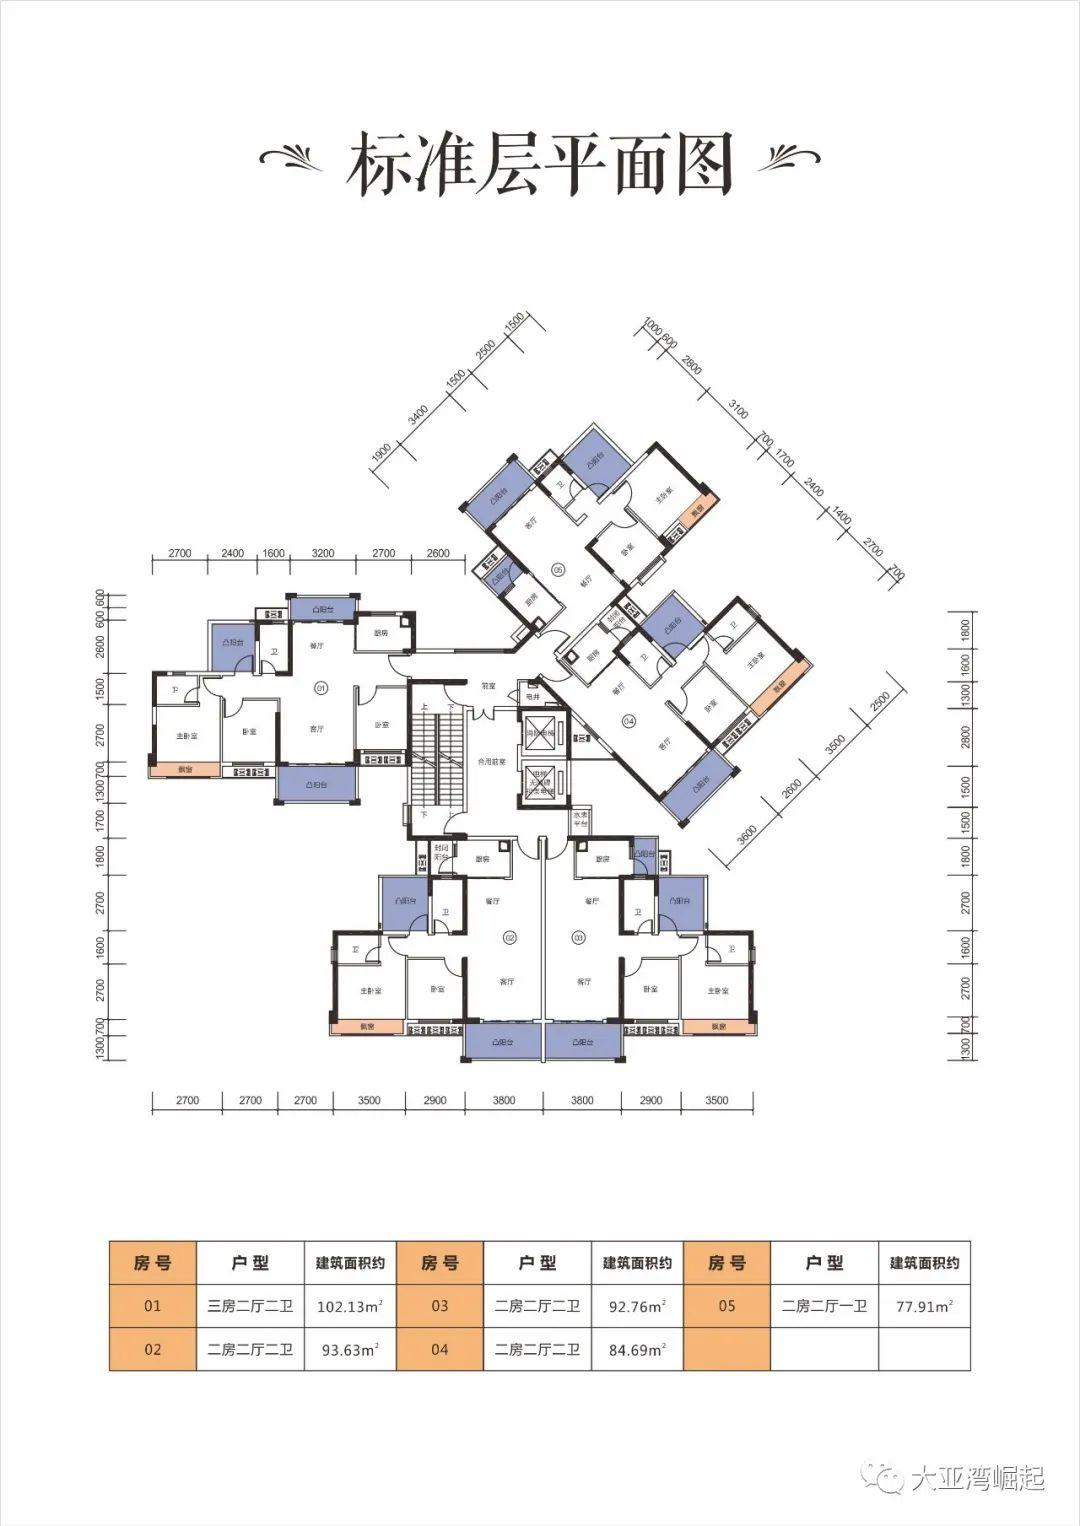 冠华城桂香园三期标准层平面图